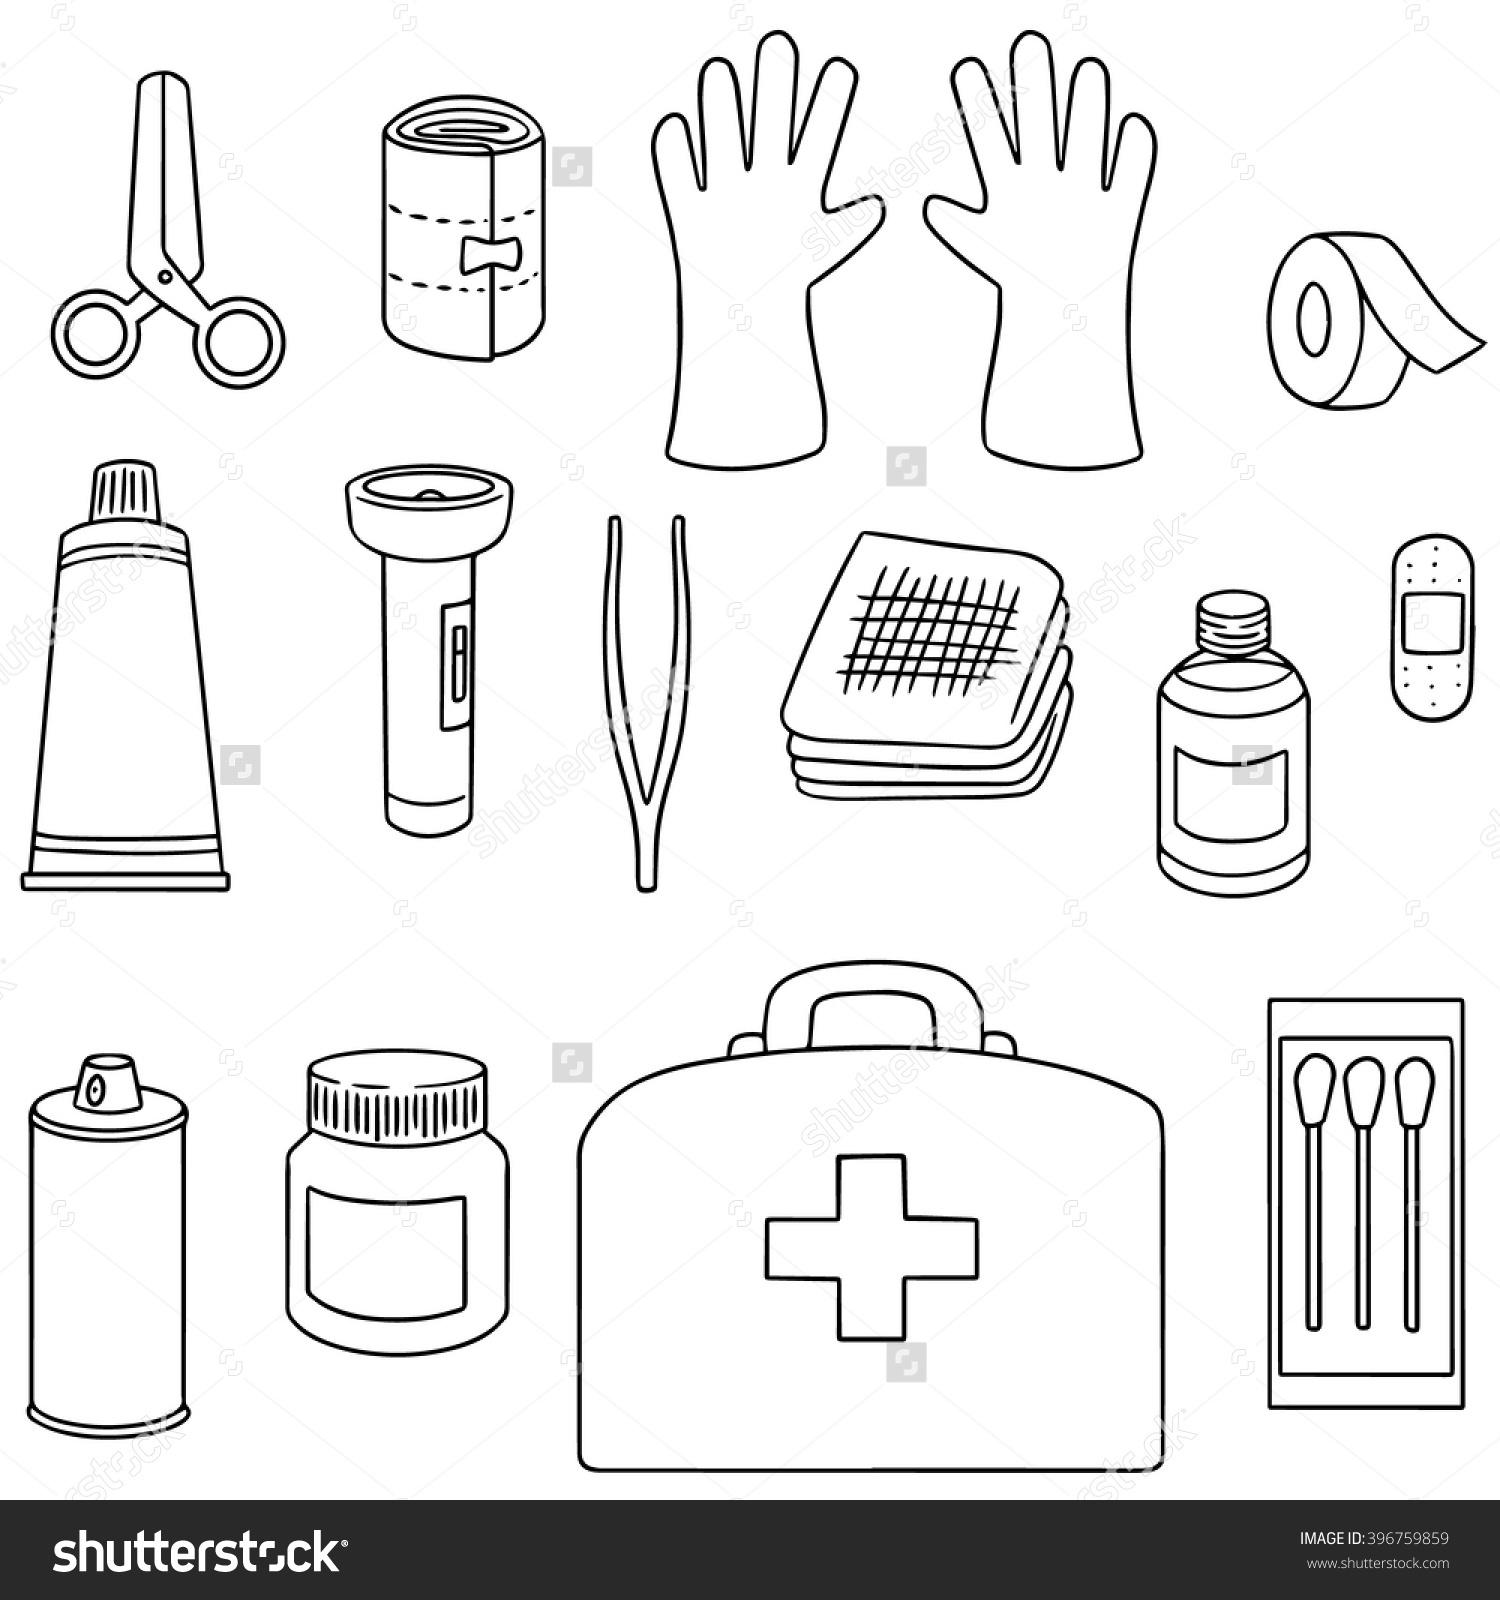 Emergency Kit Drawing At Getdrawings